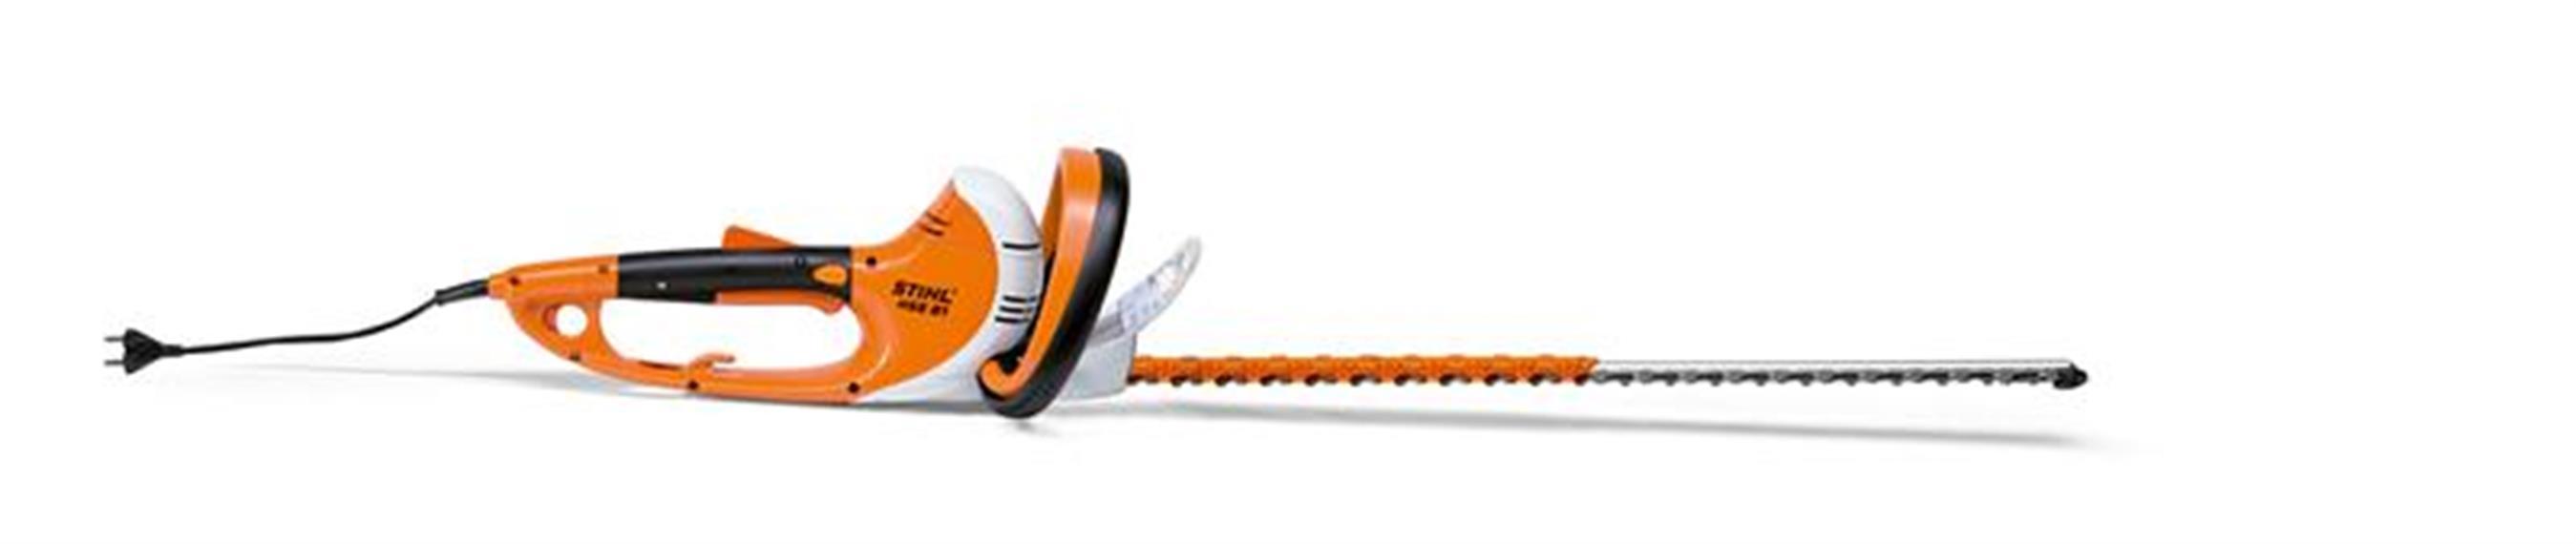 Stihl Elektro-Heckenschere HSE 81 Schnittlänge 70 cm